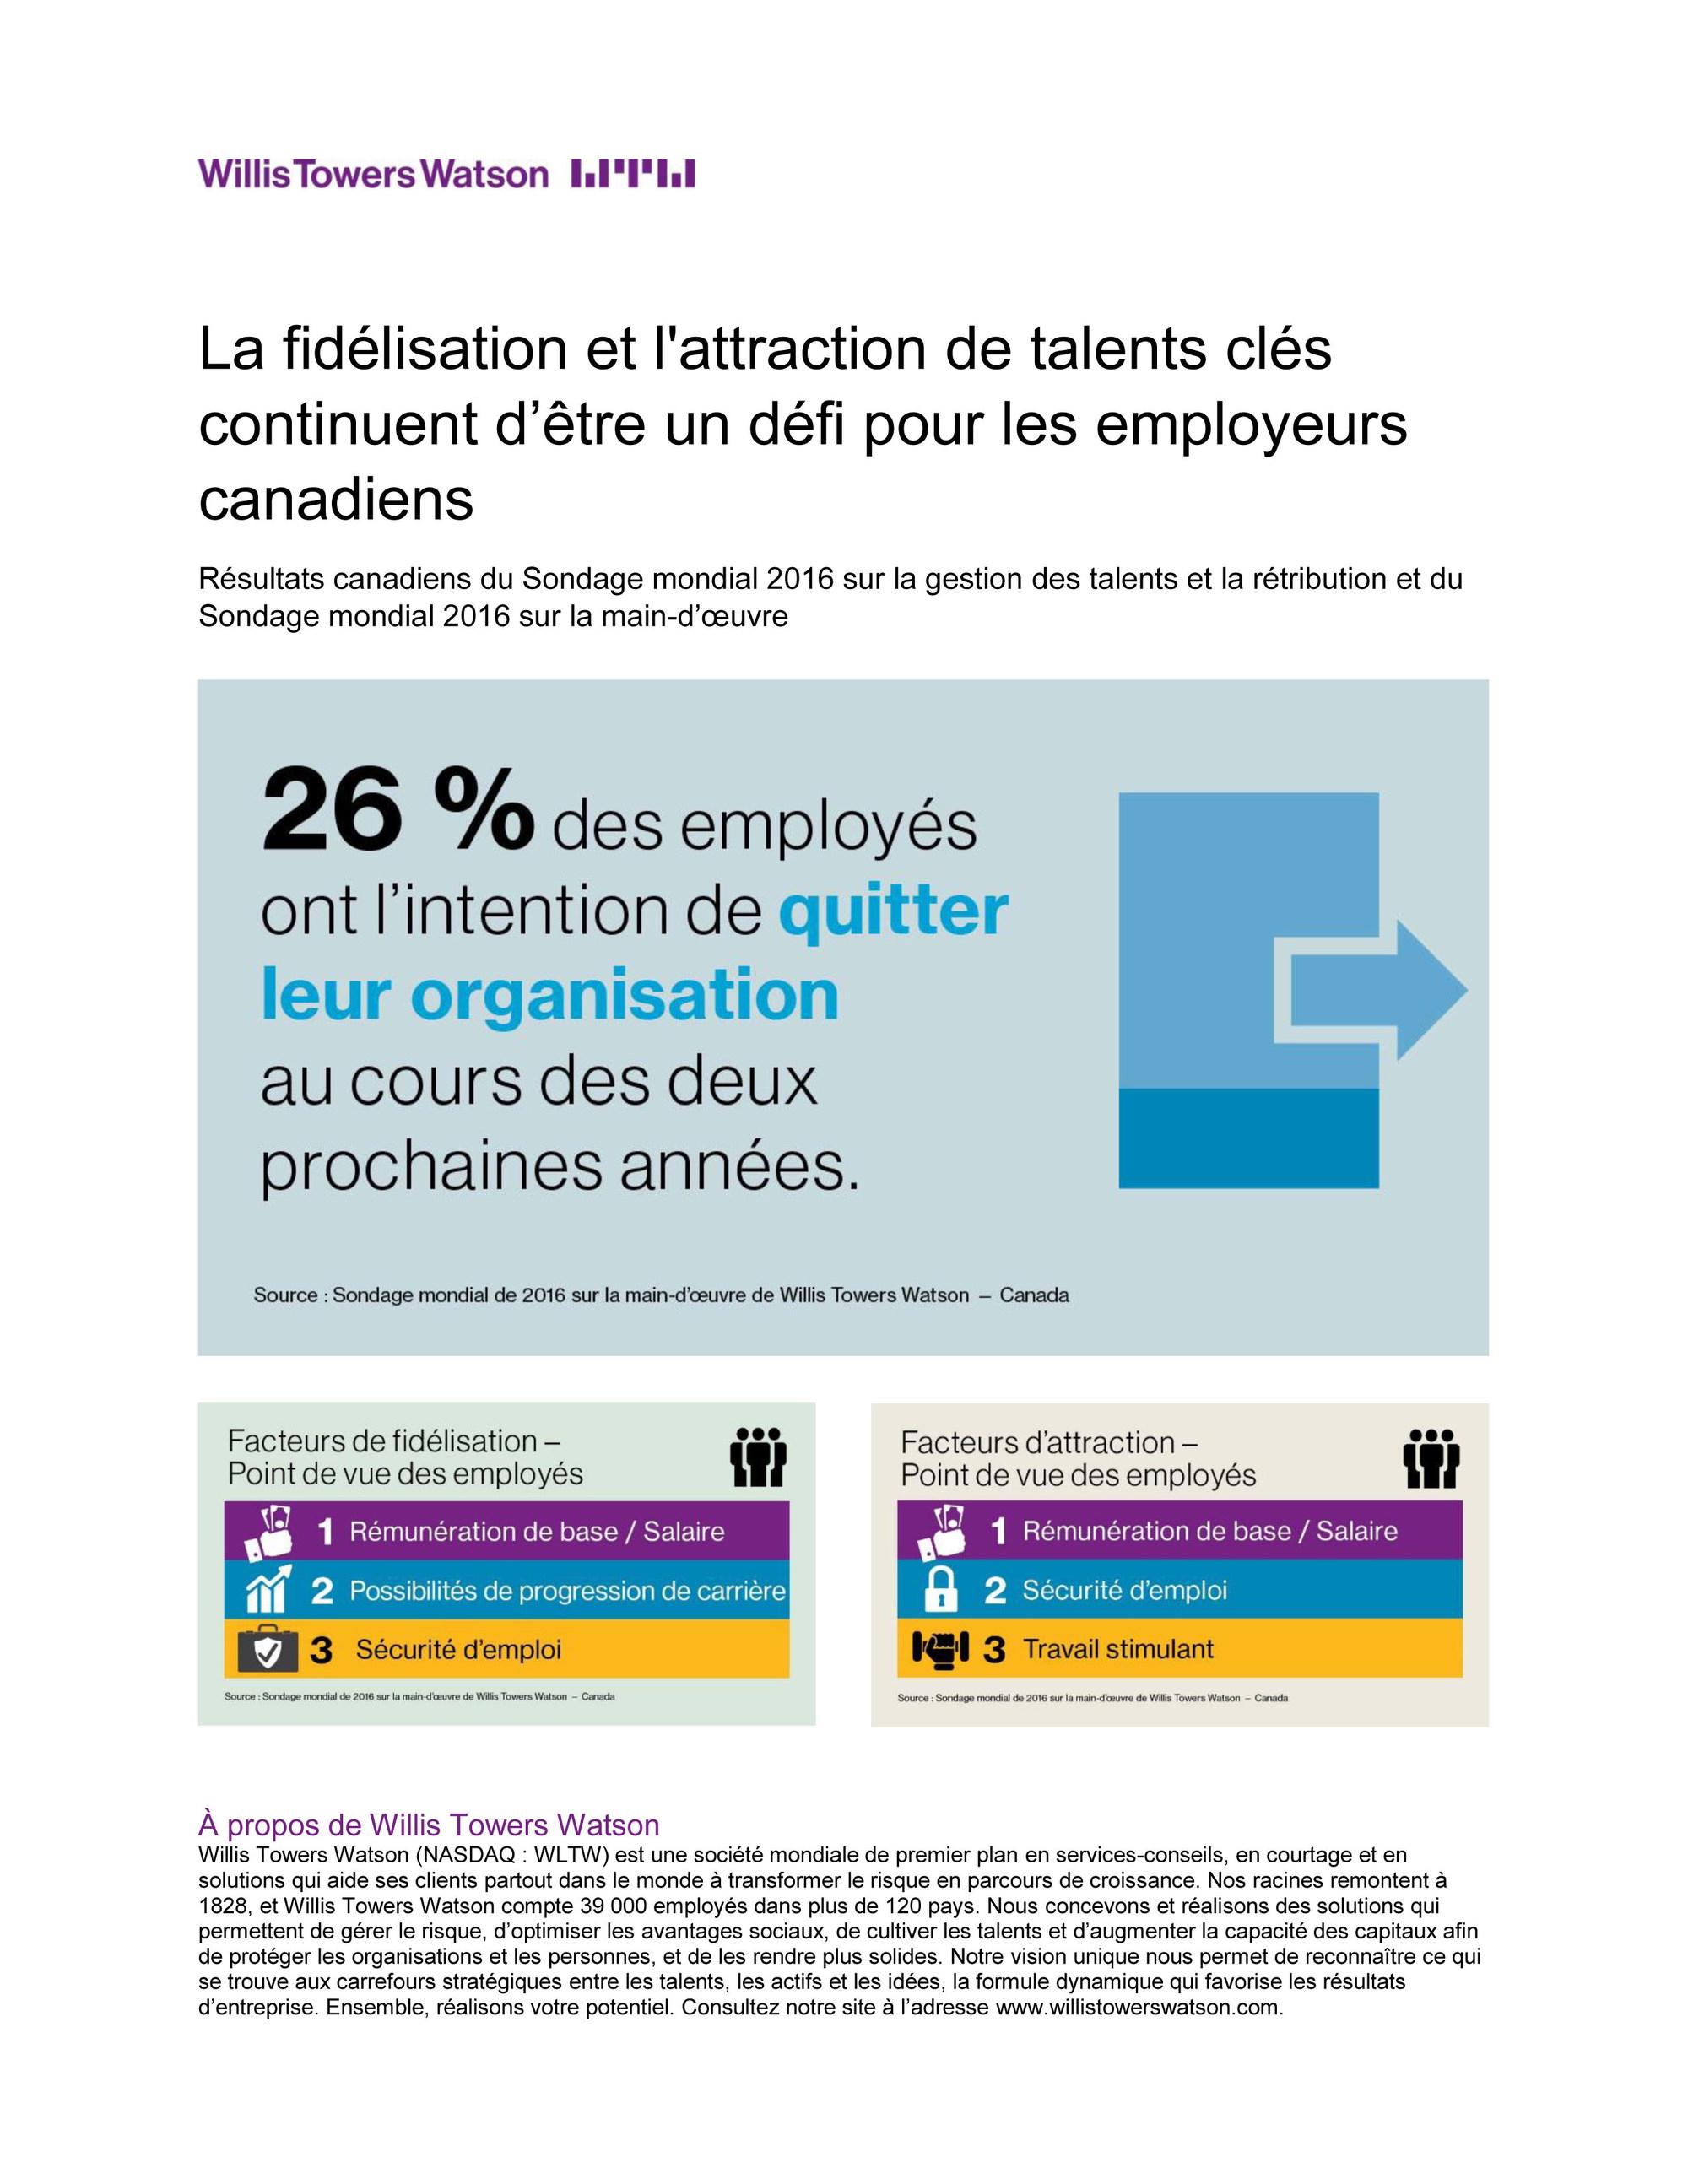 La fidélisation et l'attraction de talents clés continuent d'être un défi pour les employeurs canadiens (Groupe CNW/Willis Towers Watson)